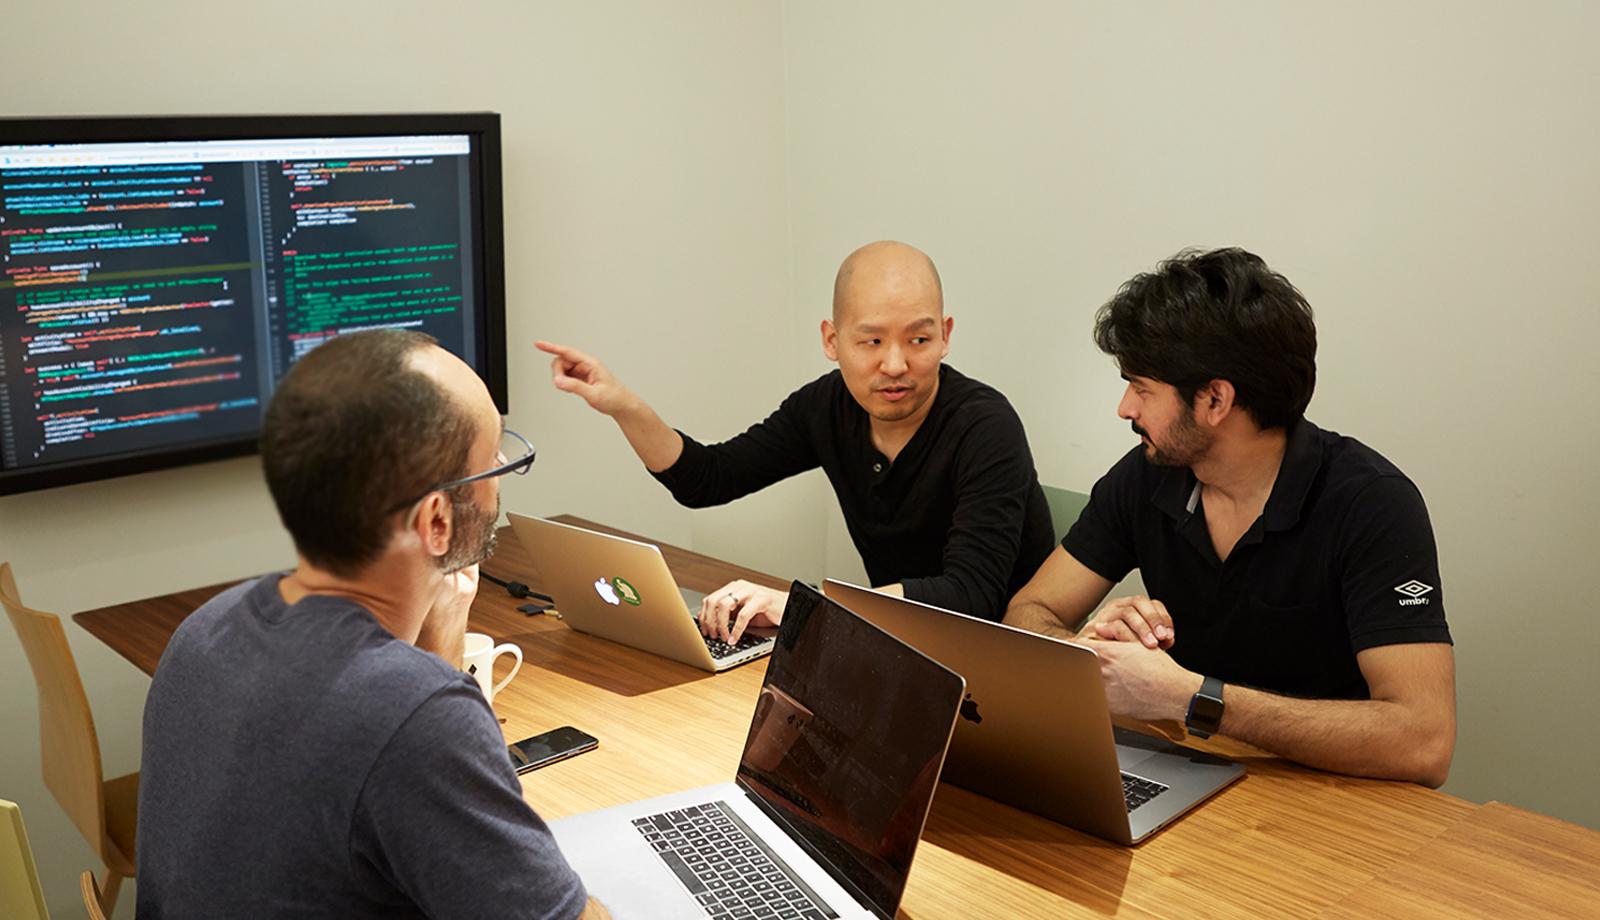 モバイルエンジニアチーム